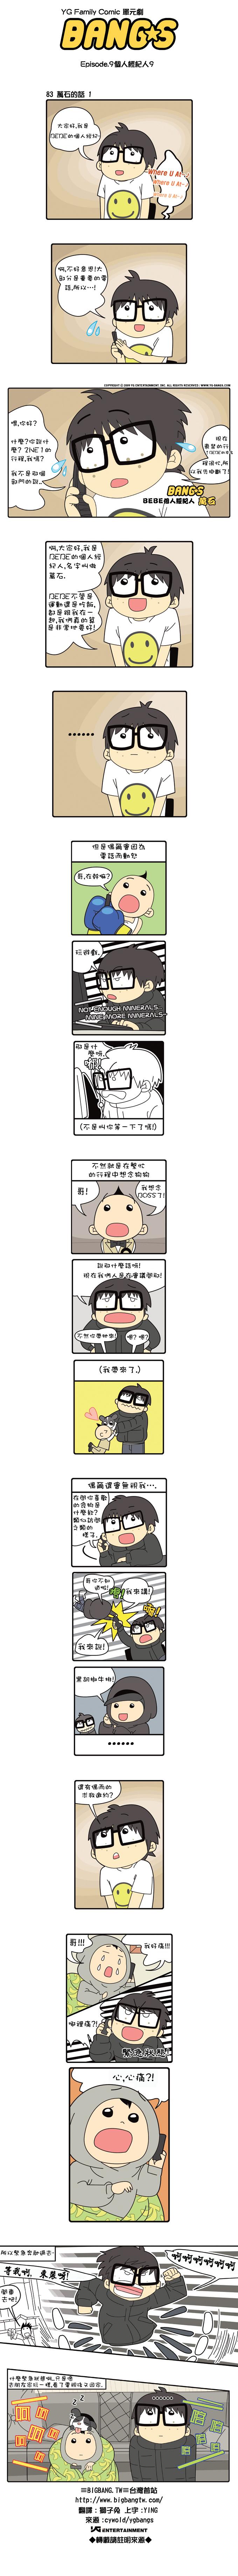 中譯 20091118_Episode 9_個人經紀人 083-1.png